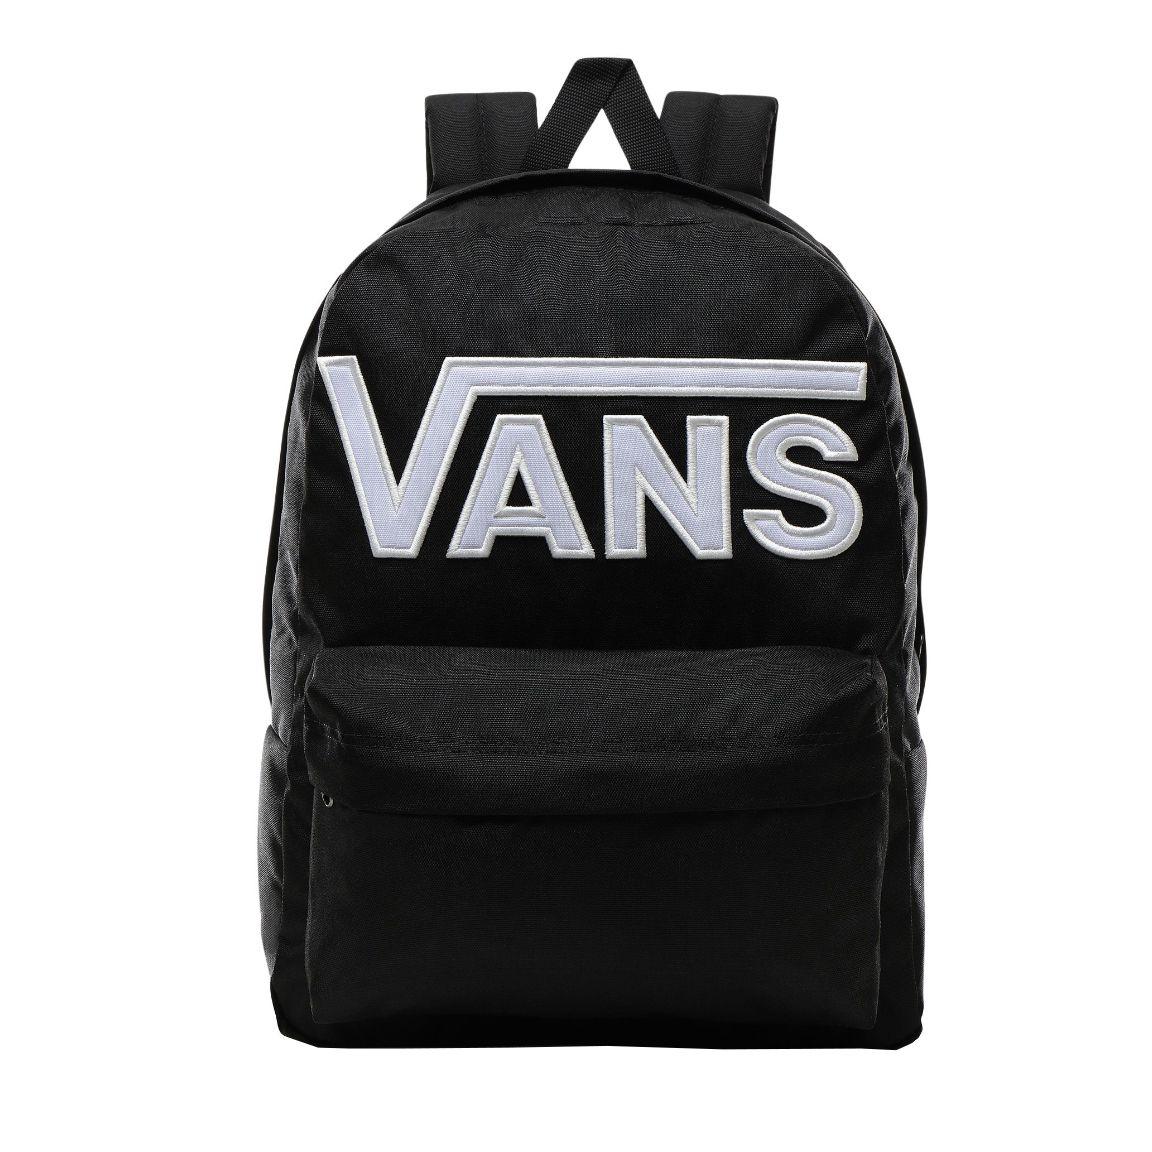 Vans Old Skool III Backpack Black White | Black backpack